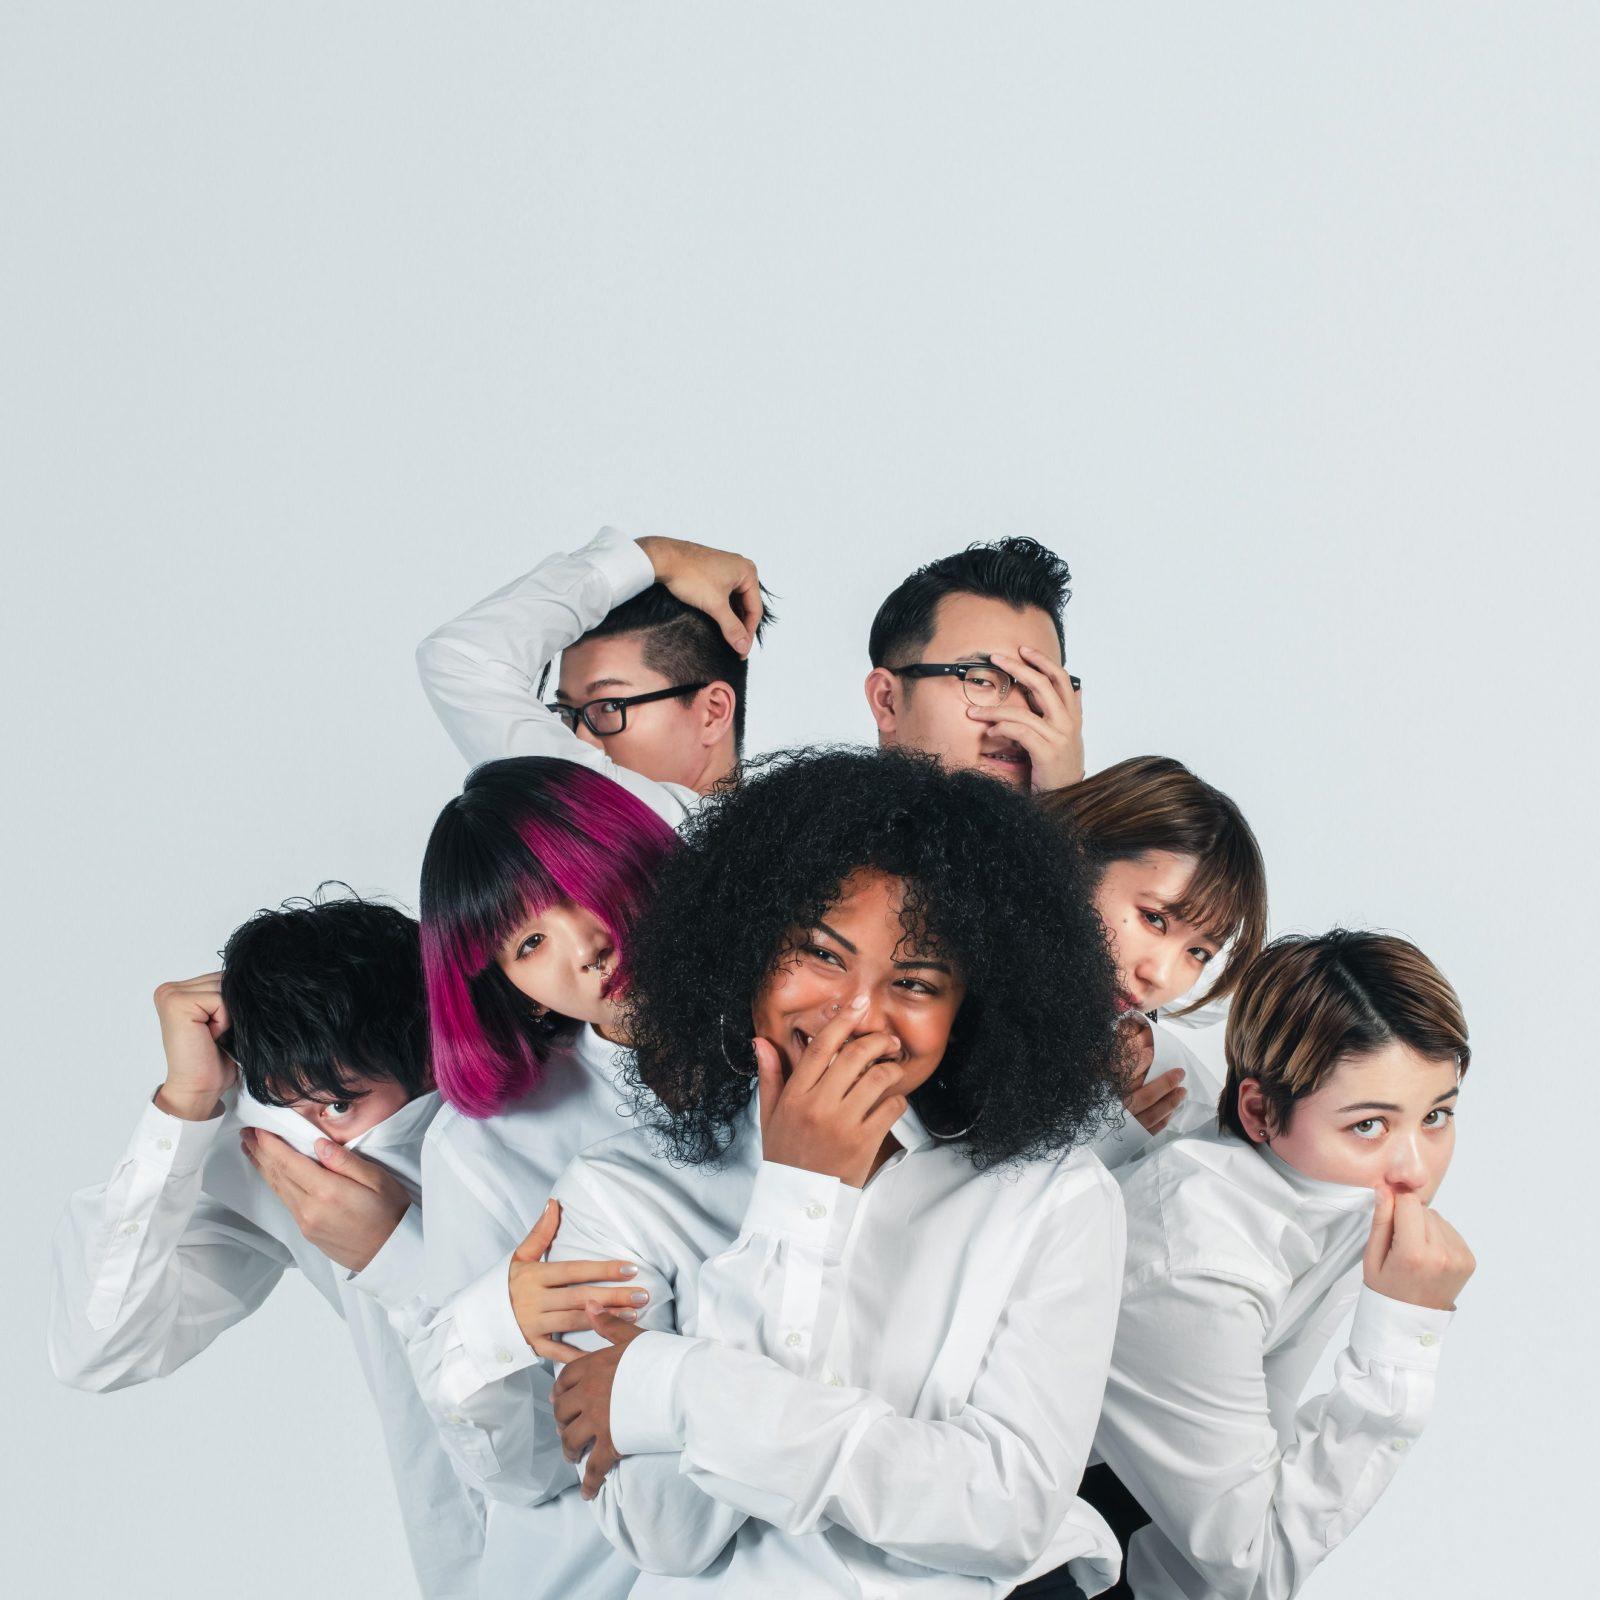 グローバルシャイ、3ヶ月連続配信リリース第2弾『国人ラップ』をリリースサムネイル画像